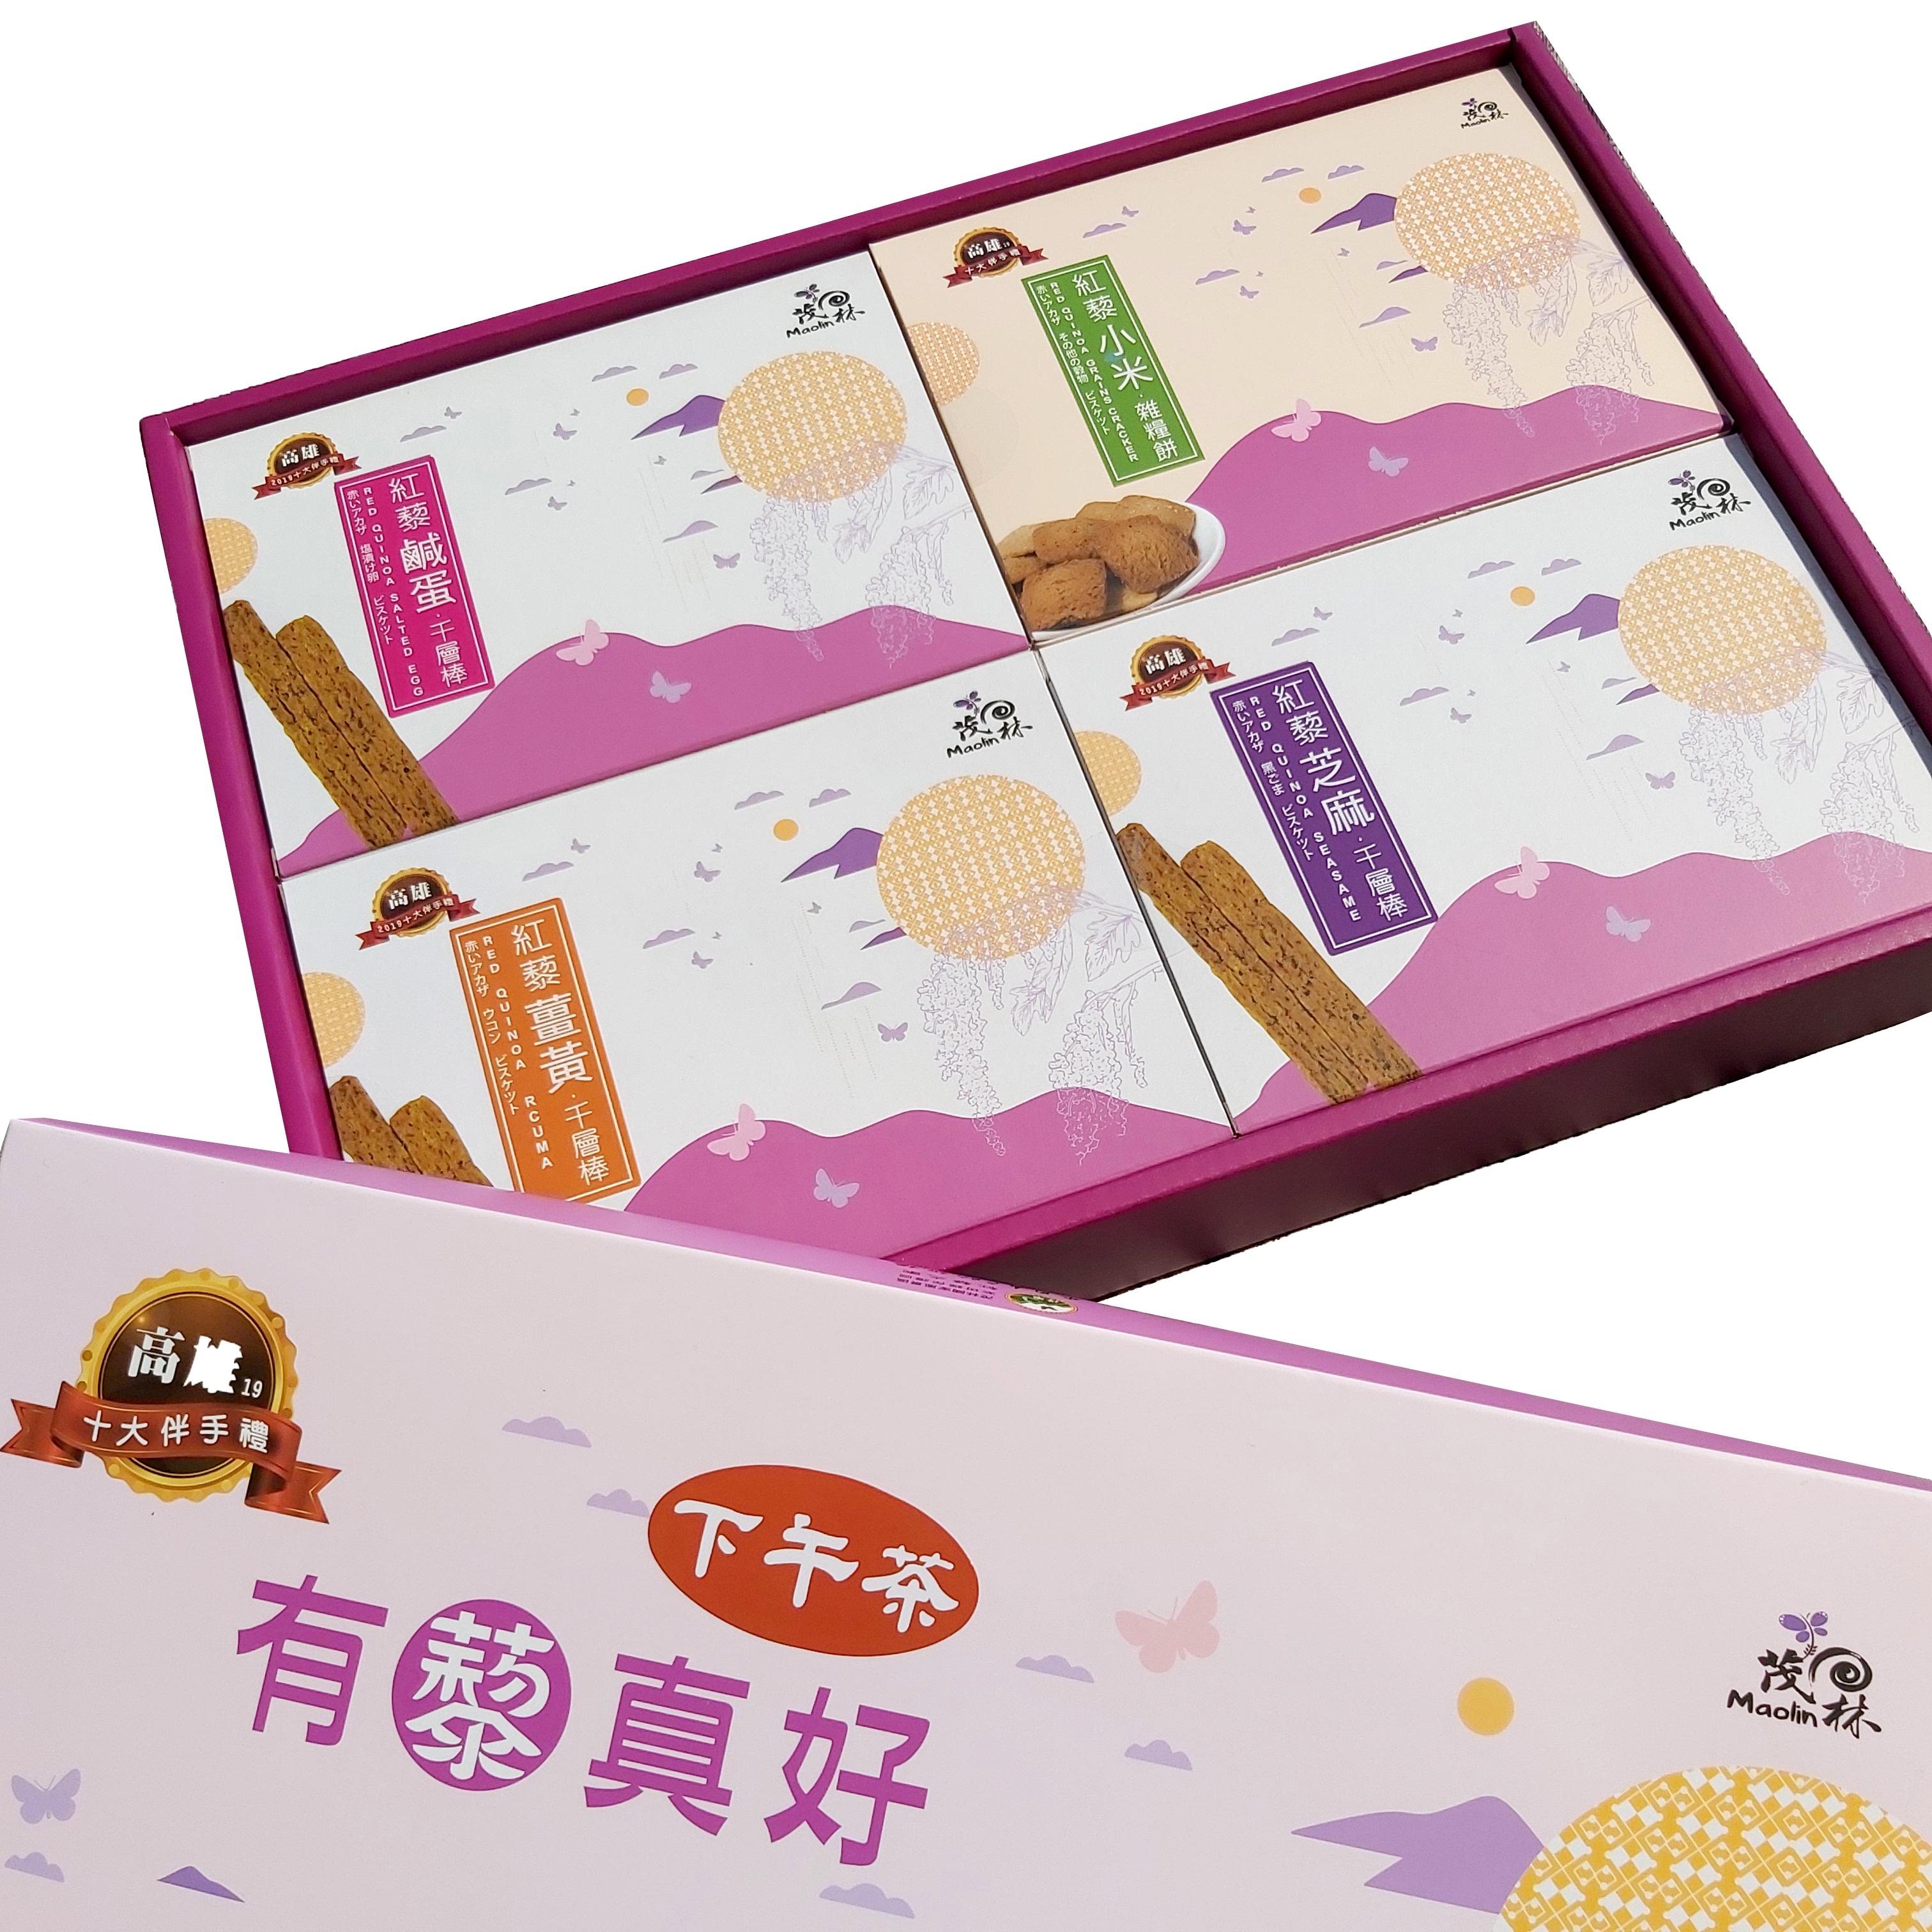 《紅藜之家Quinoa family》下午茶禮盒(4盒/1入,共2入) 送無籽梅肉 限時優惠